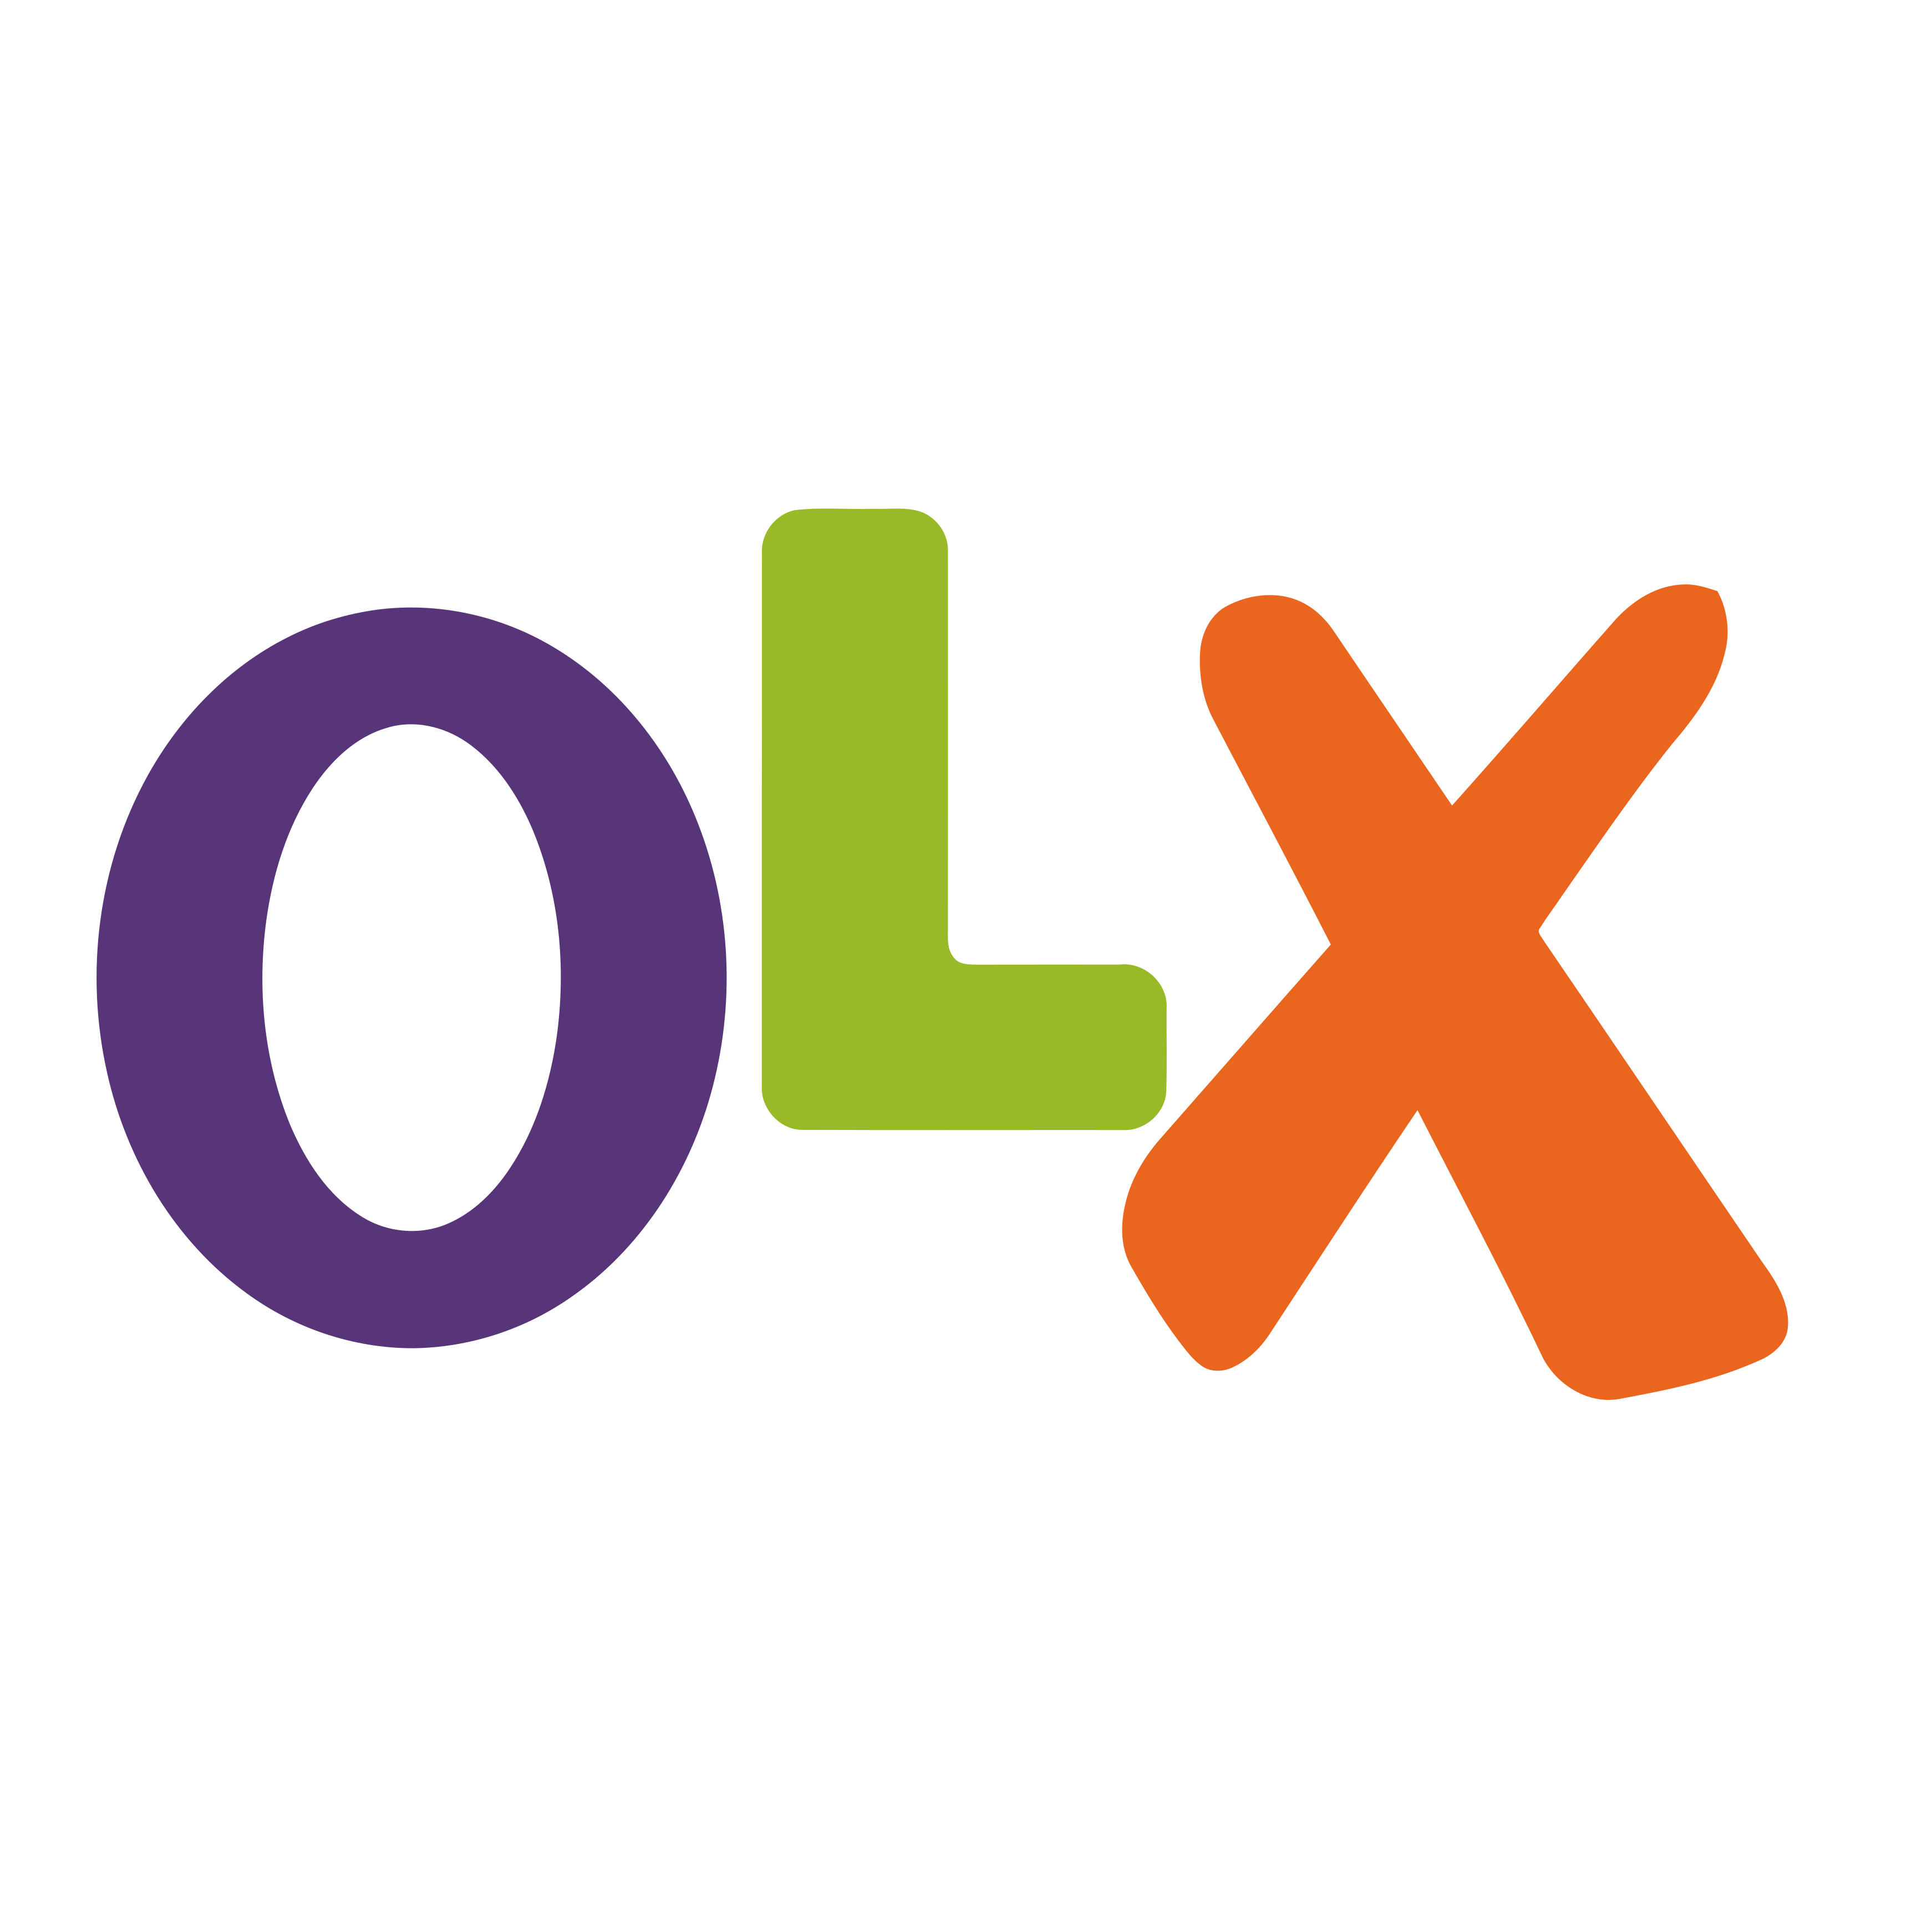 olx logo - OLX Logo